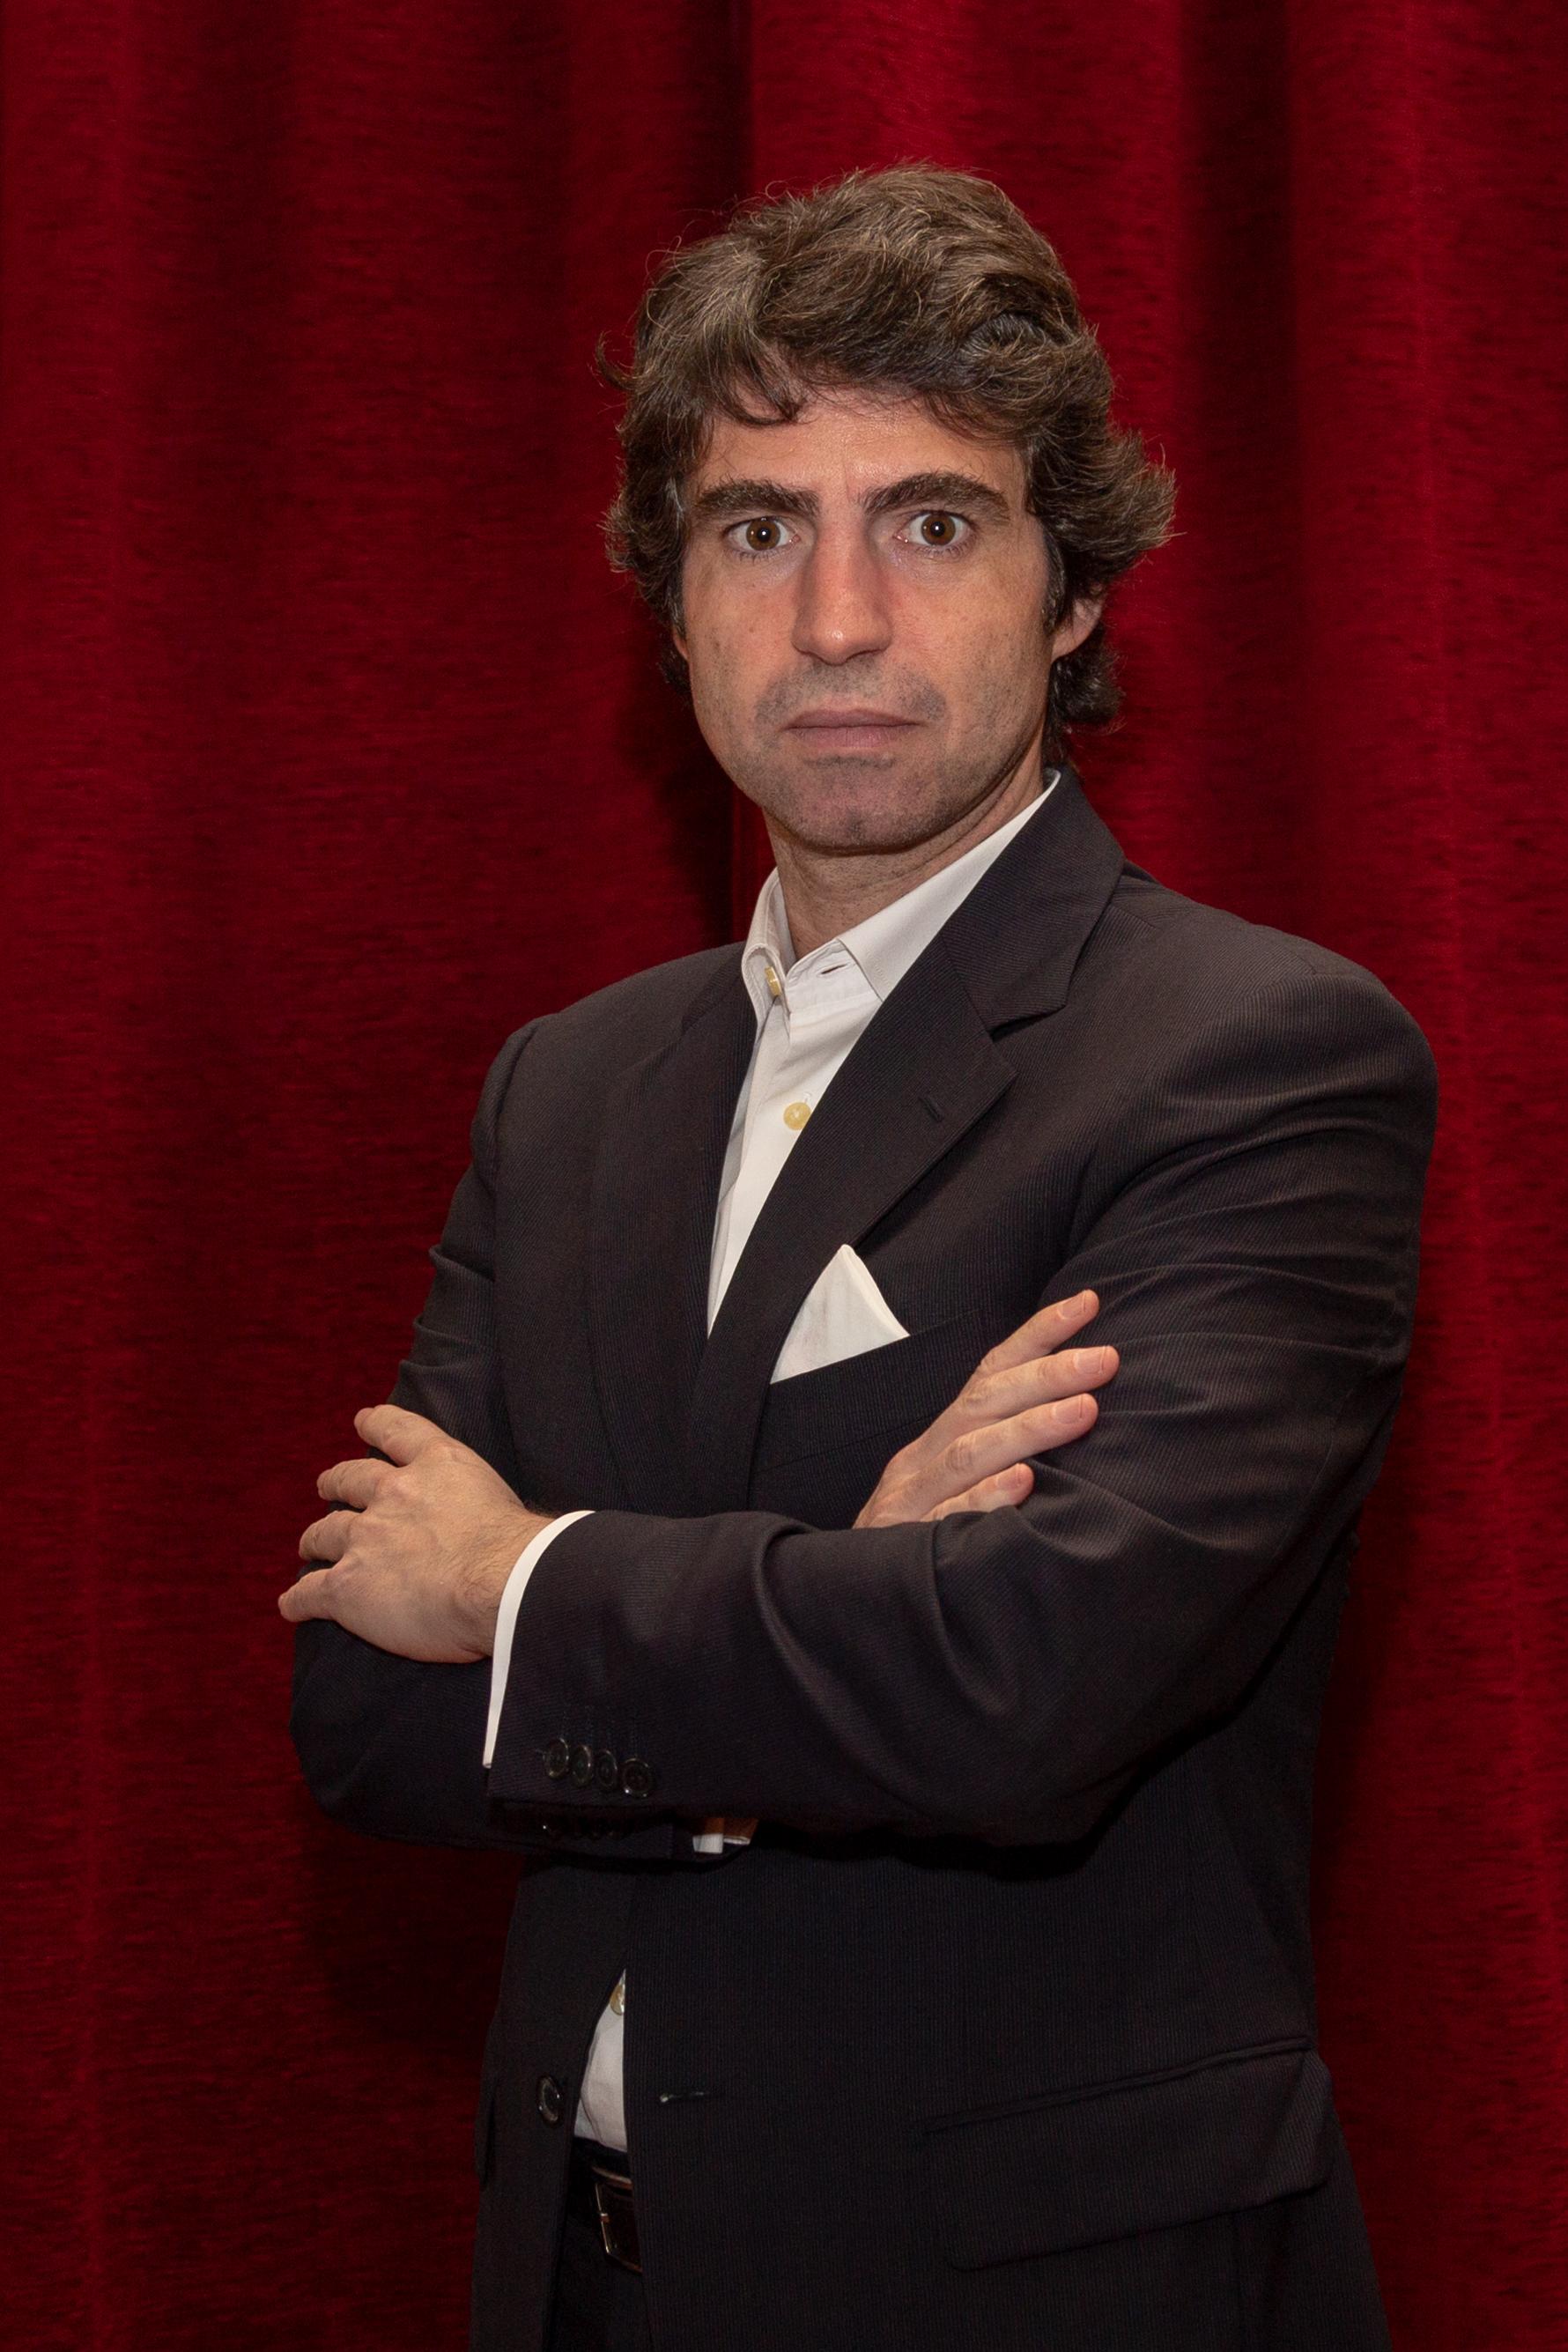 Bruno Miguel Gonçalves Bernardo